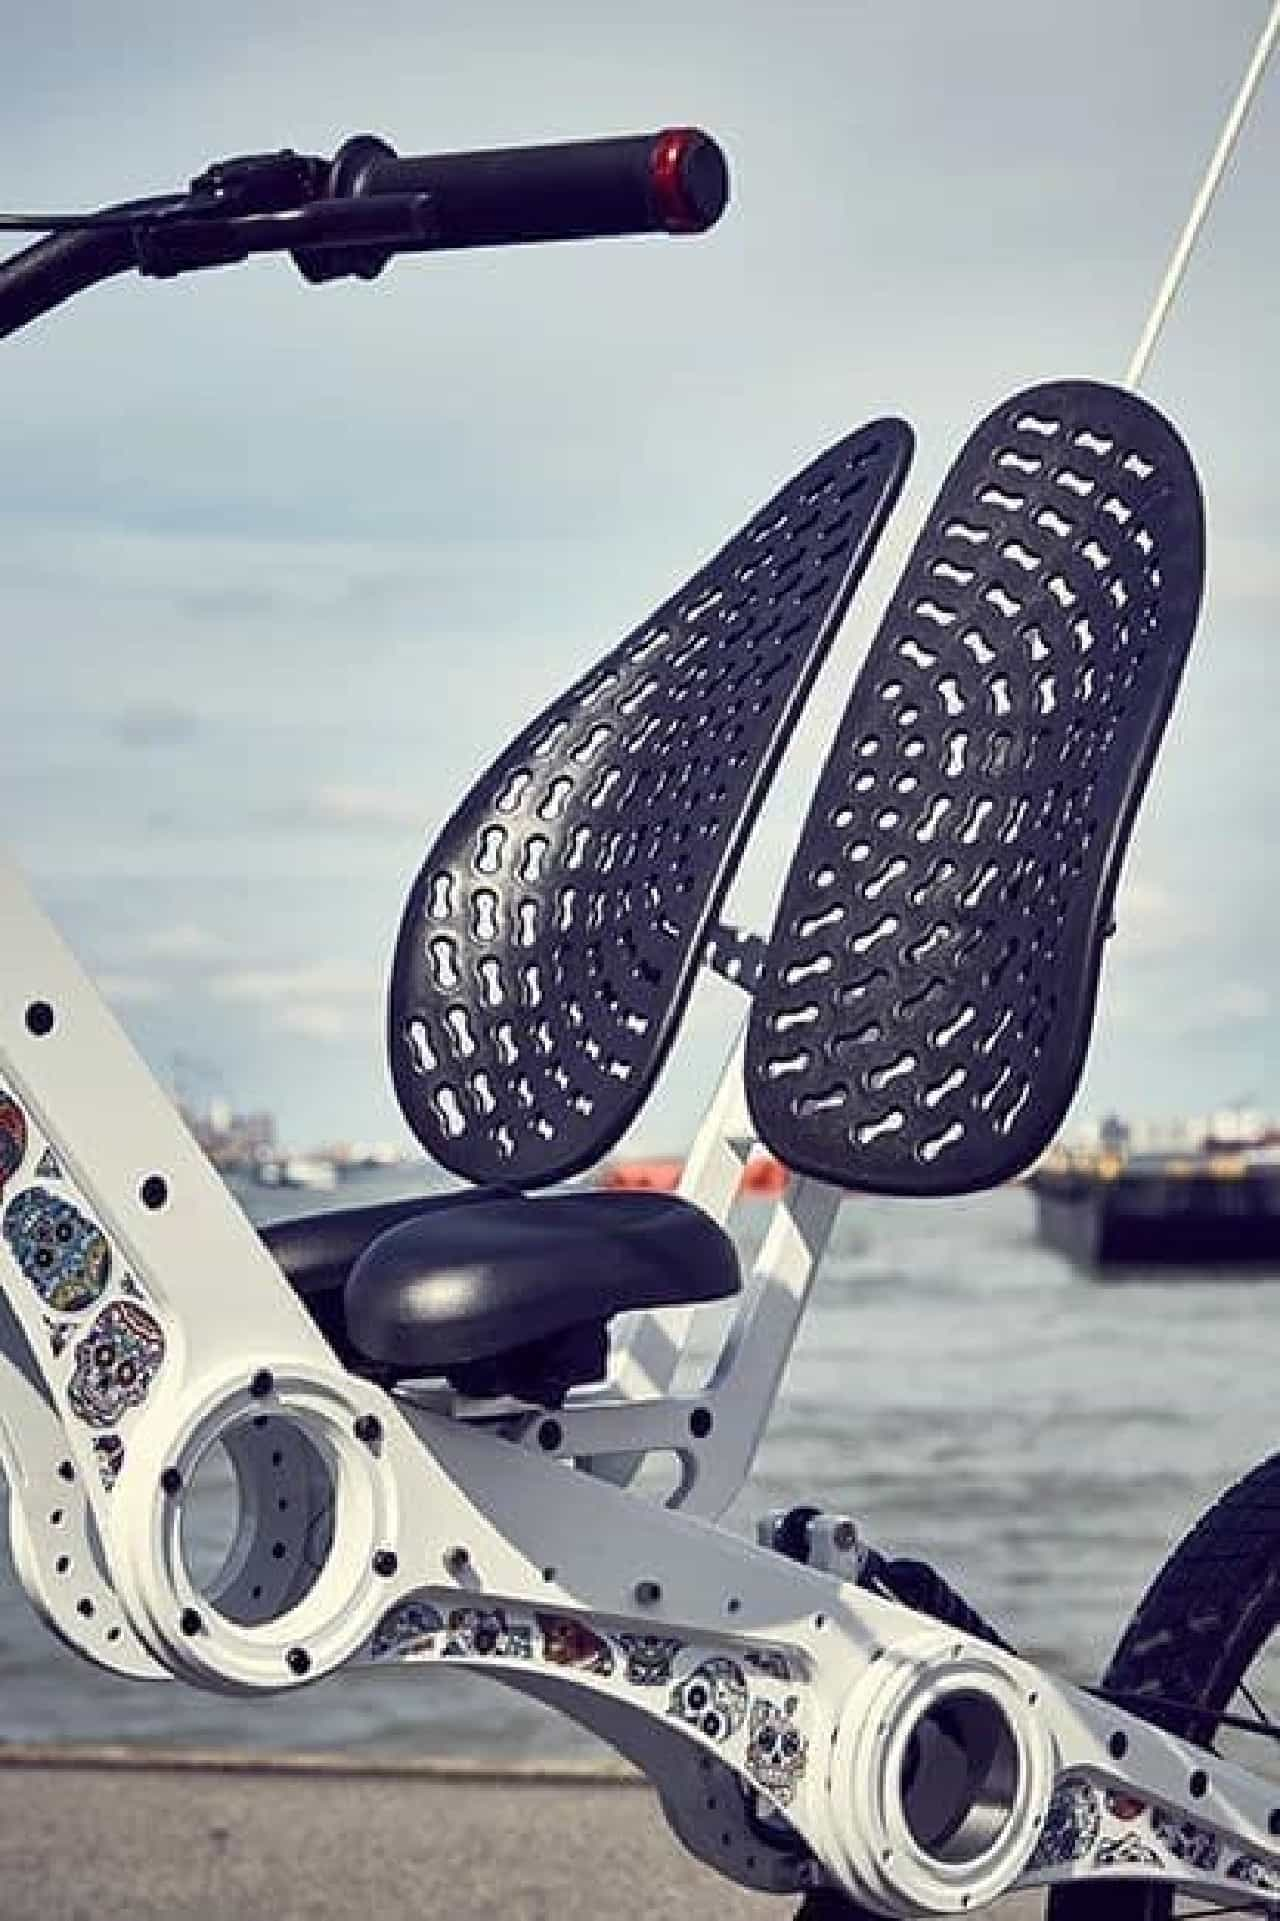 リカンベントのデメリットを電動アシストで補った自転車「MC2 Chopper bike」